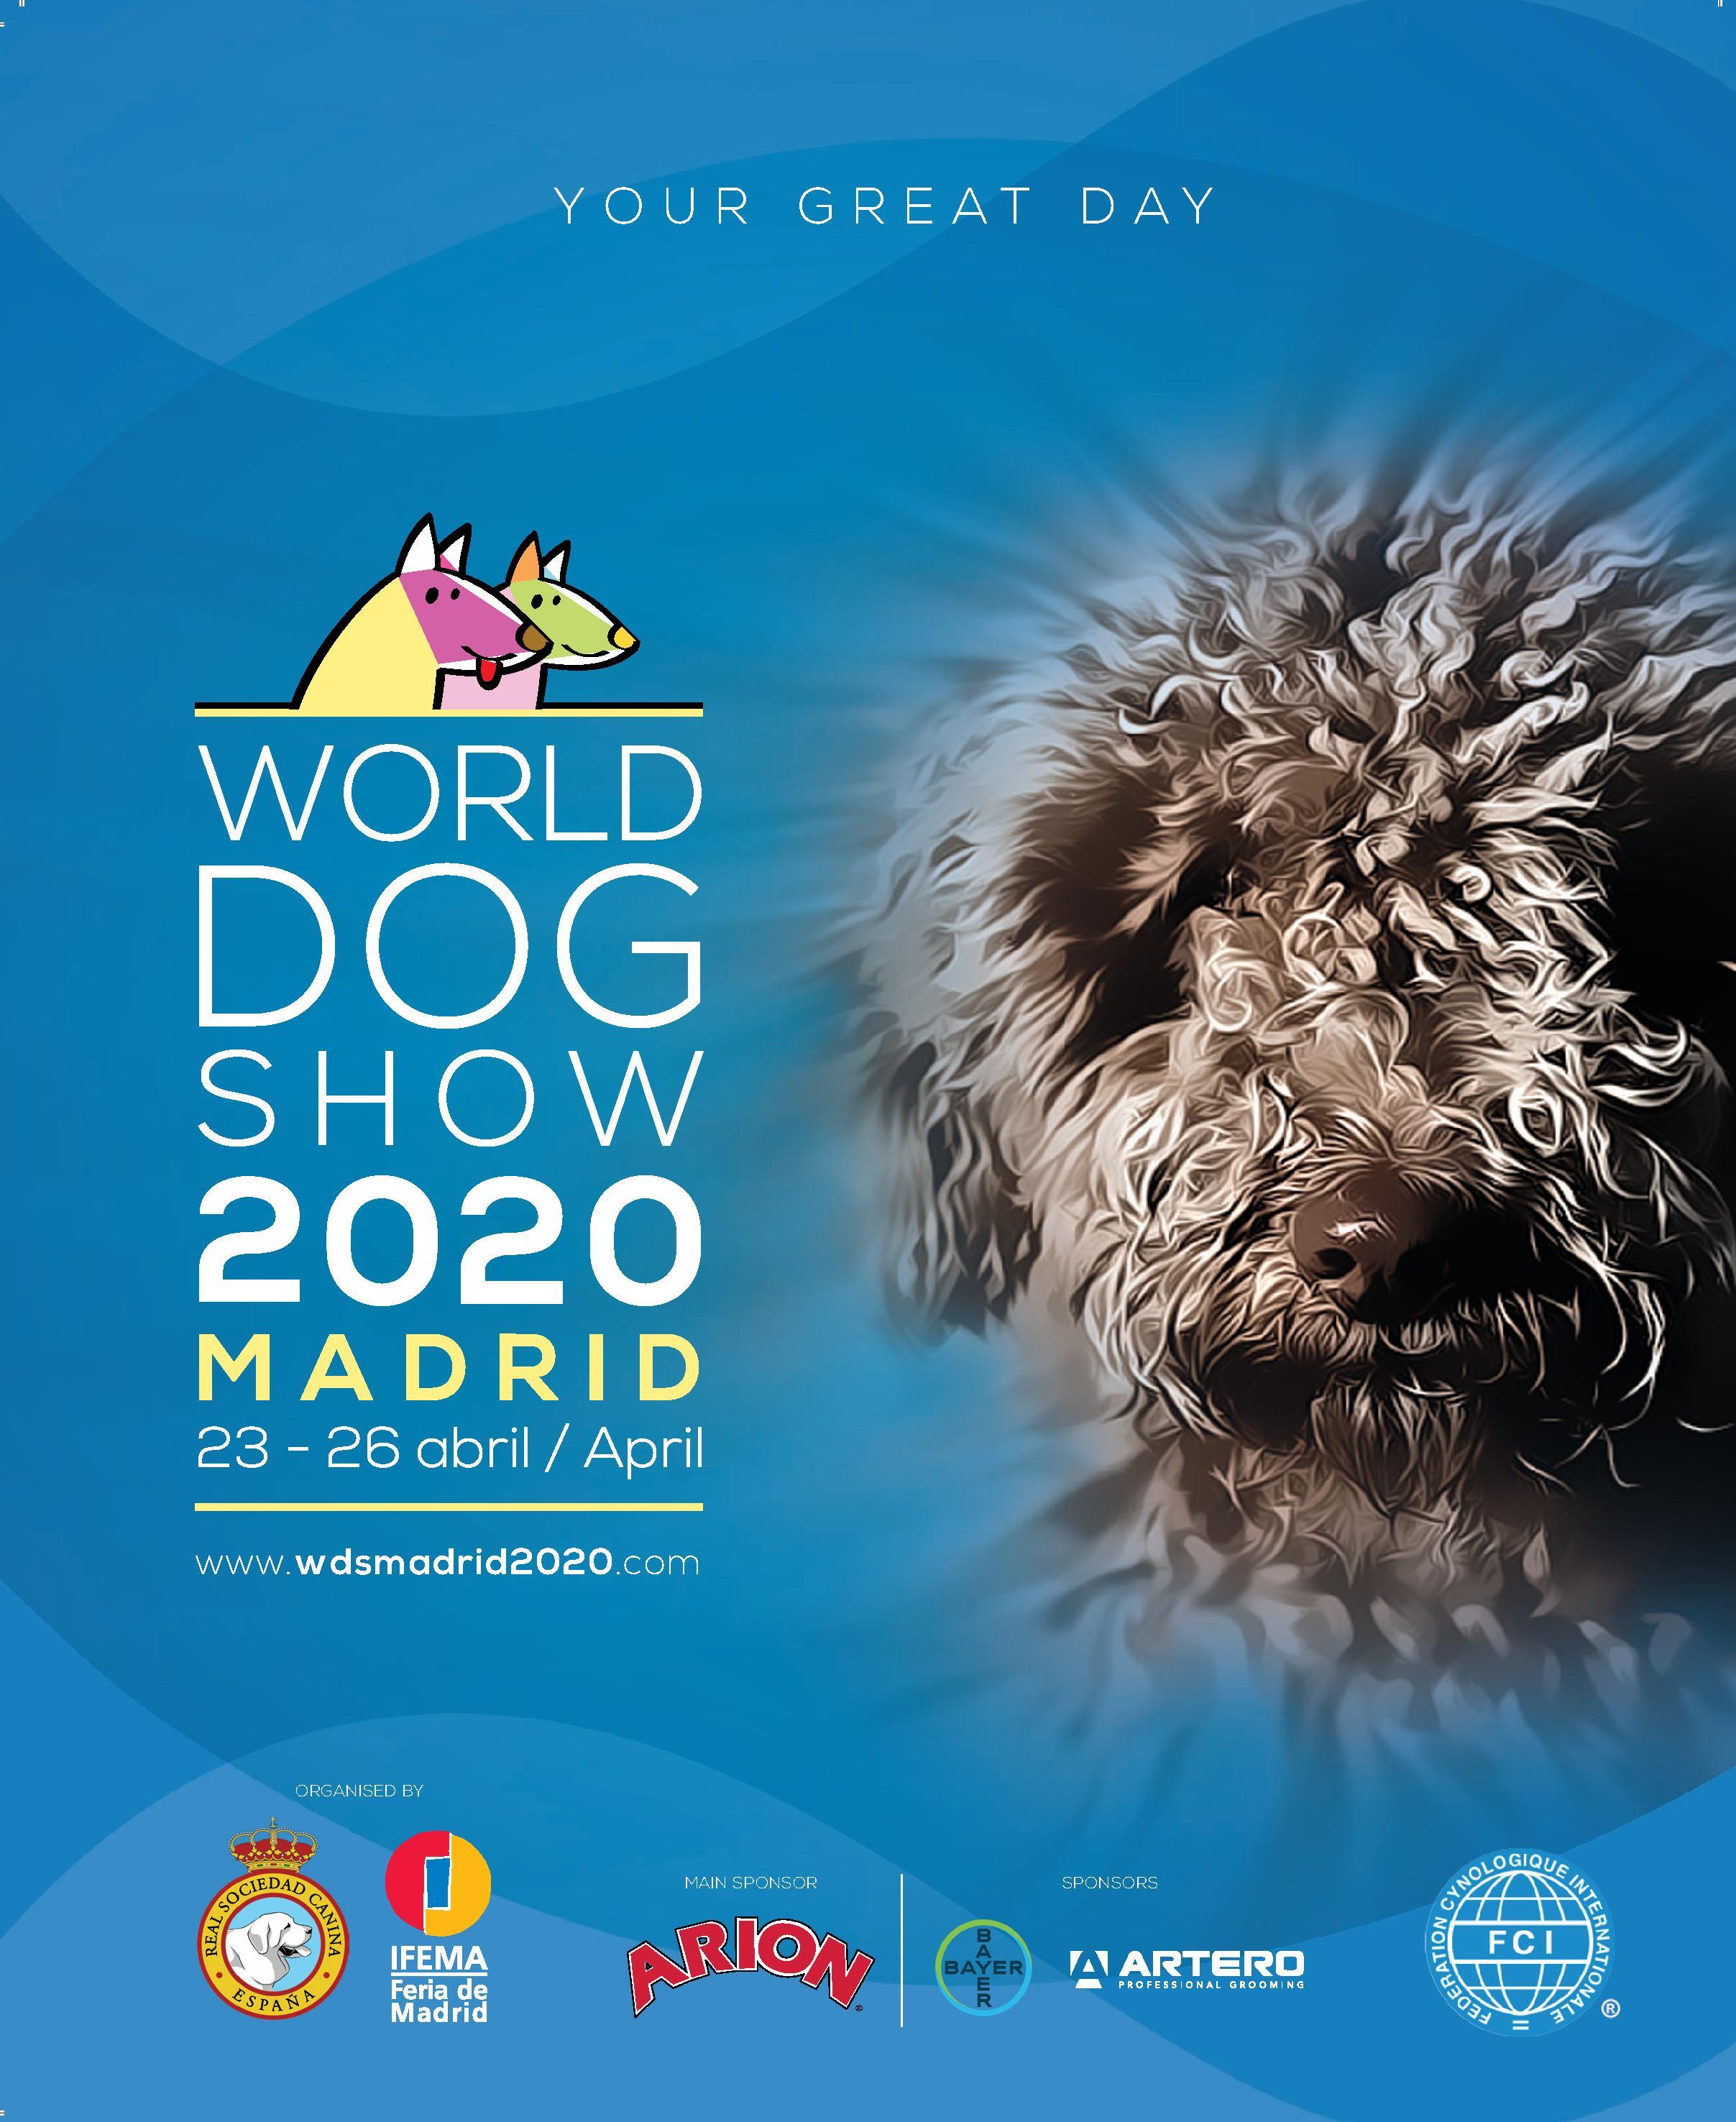 Haz click en la imagen para acceder a la web de la WDS 2020 Madrid